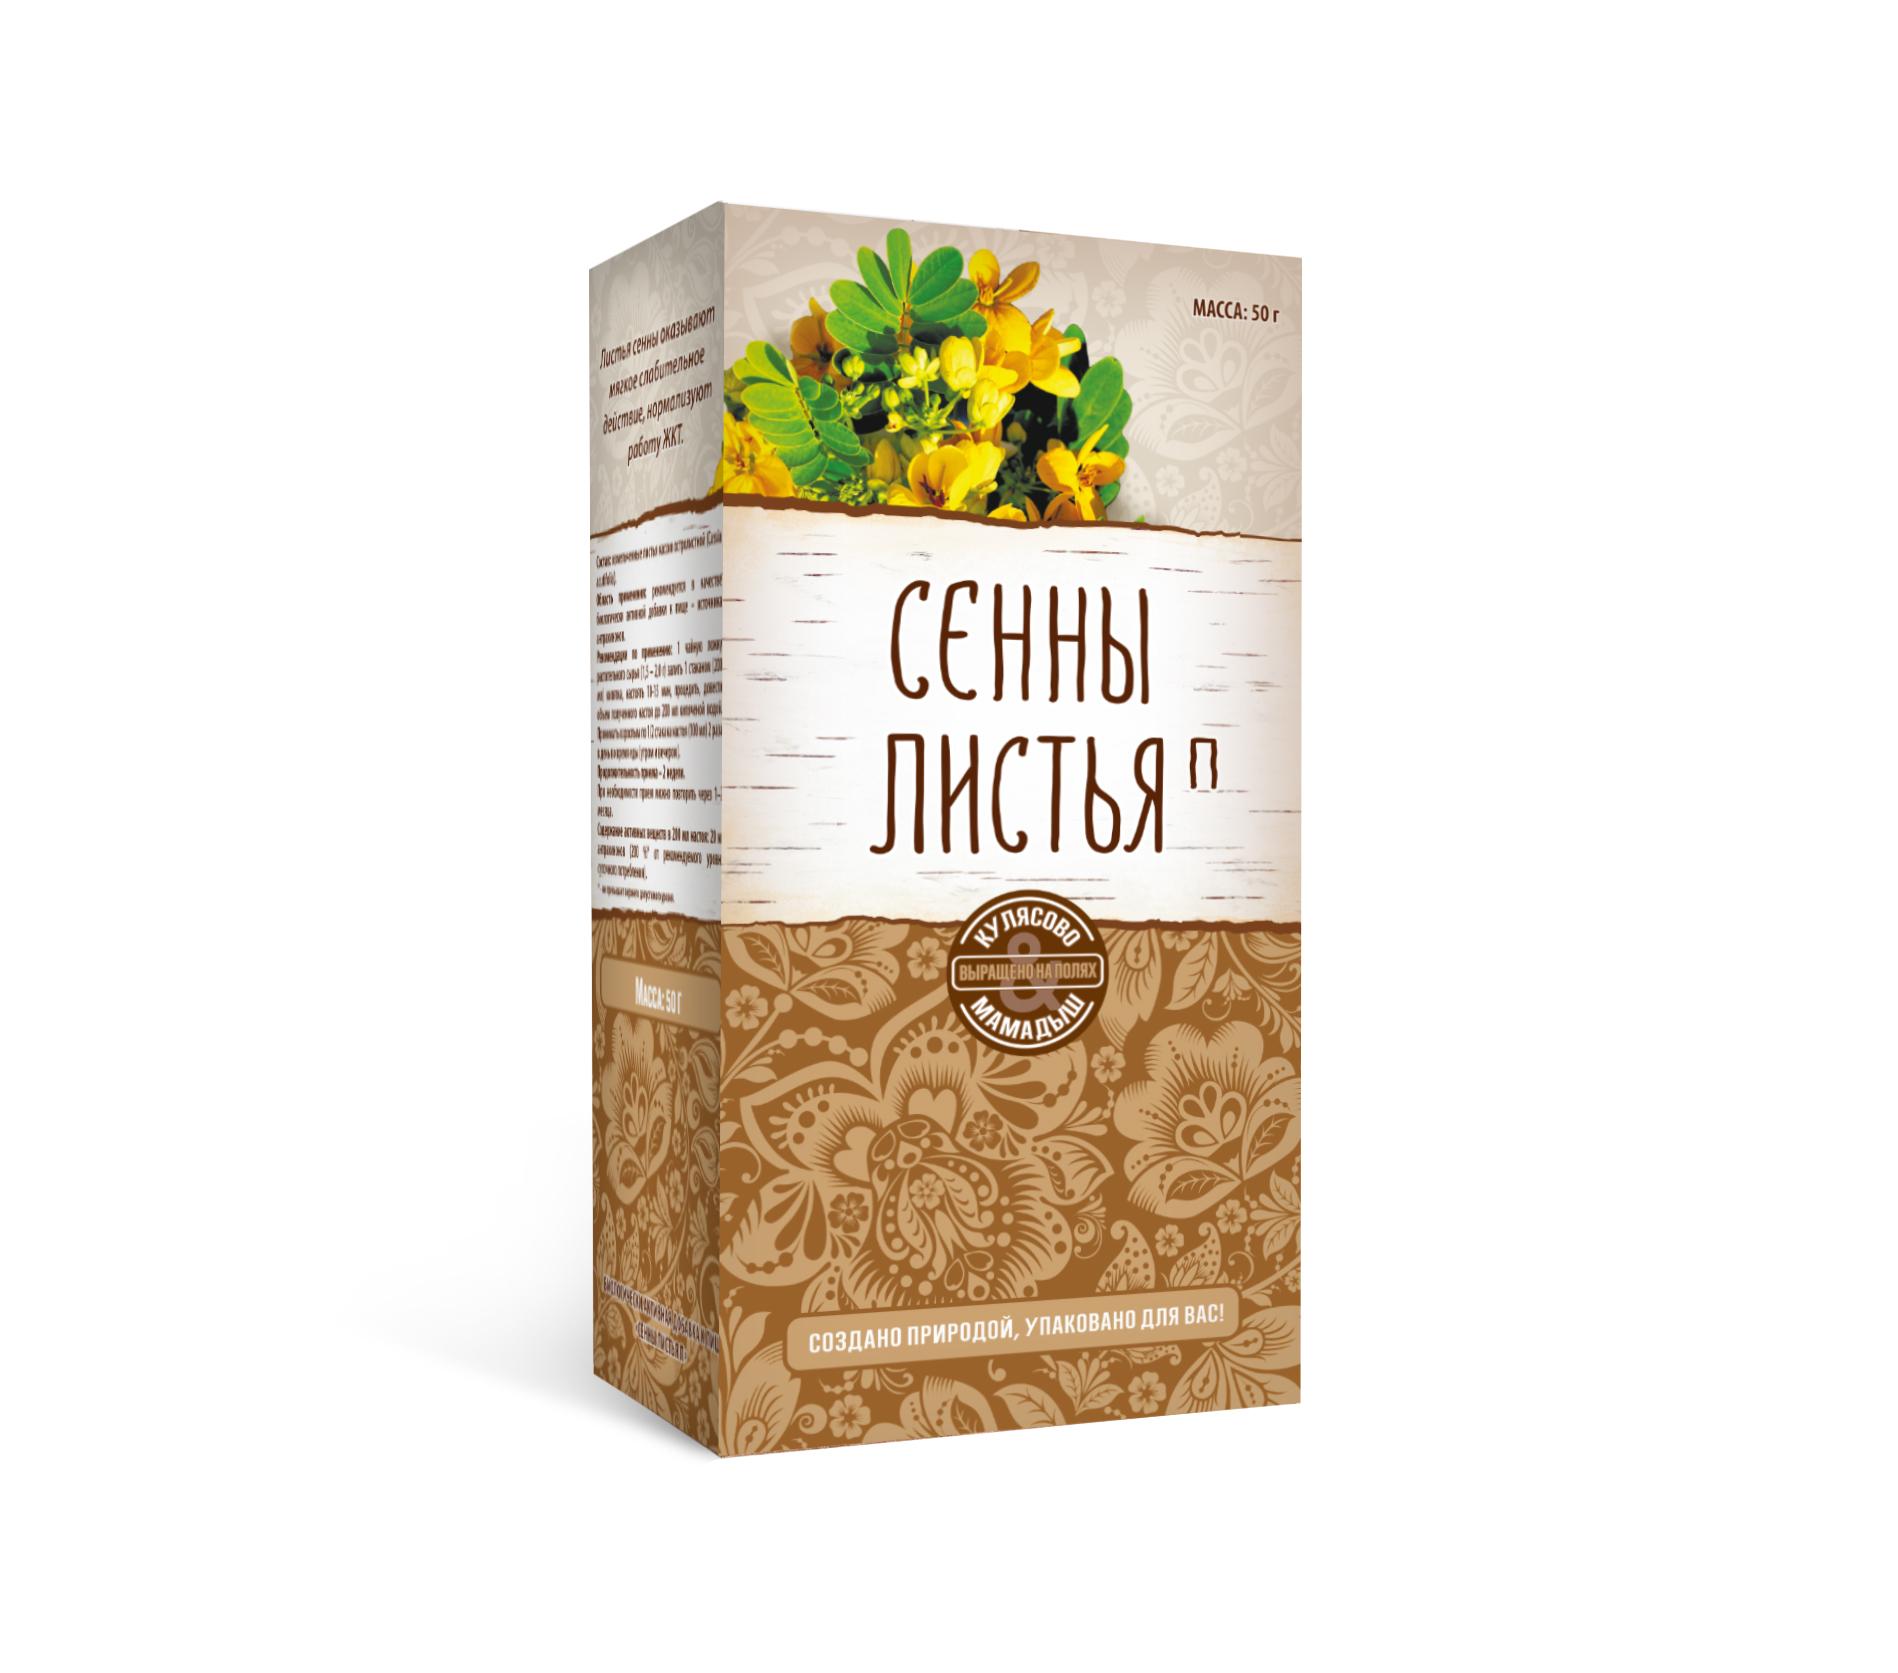 Сенны листья П (россыпь): описание, инструкция по применению